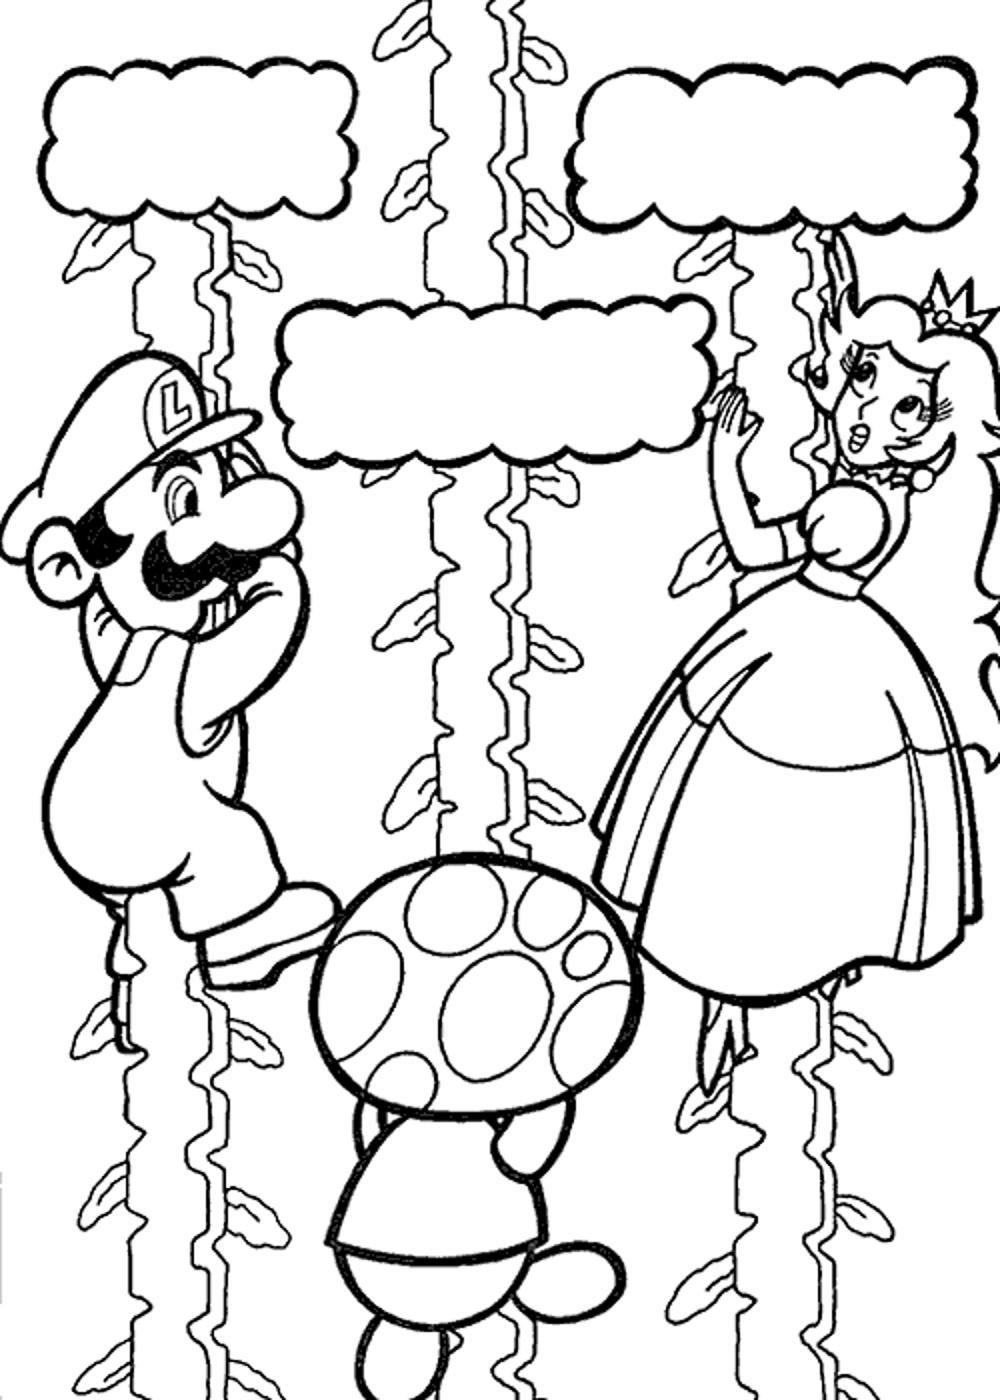 1000x1400 Super Mario Galaxy Coloring Pages